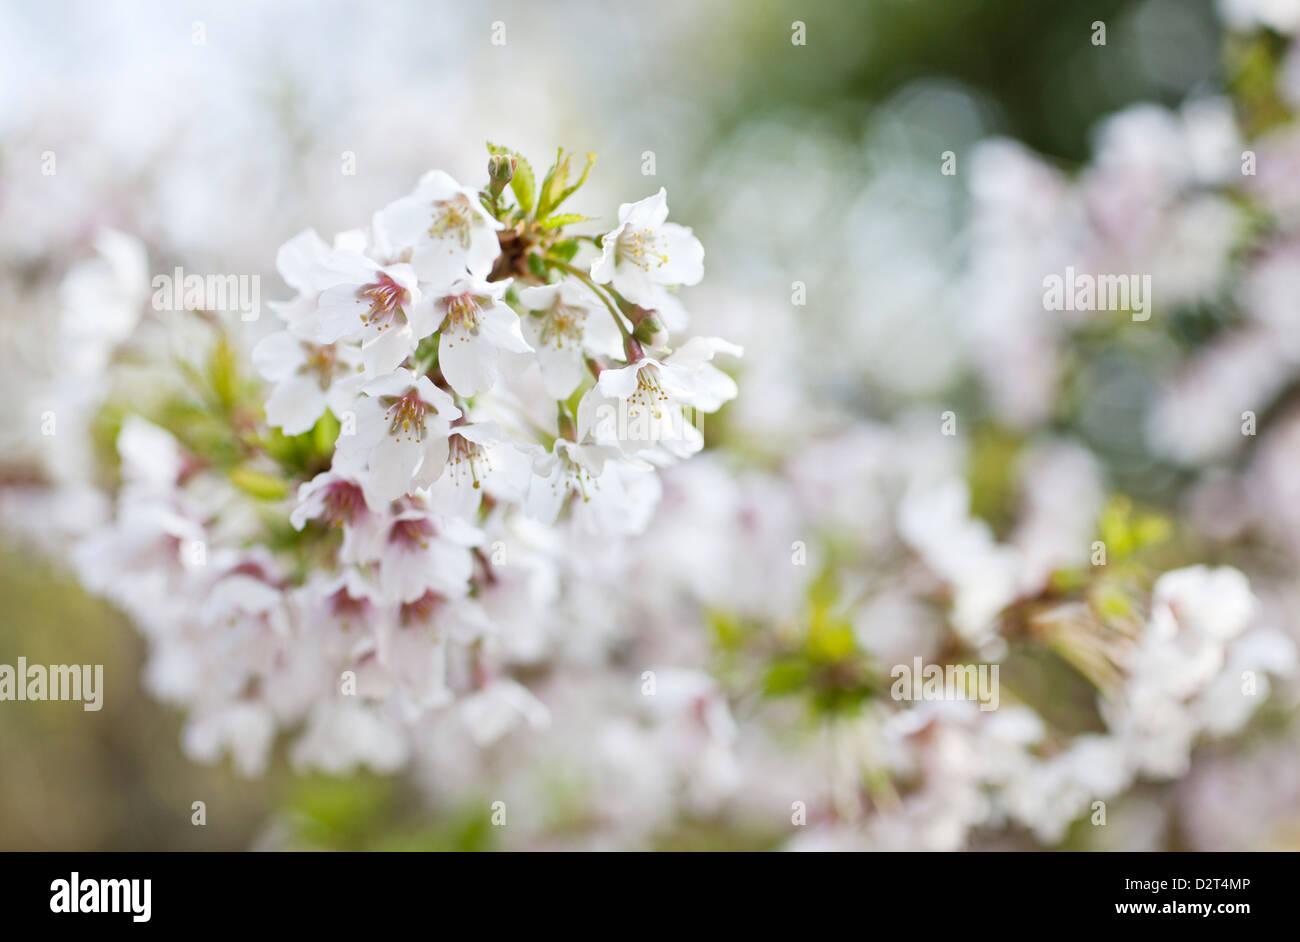 Prunus incisa 'Kojo-no-mai' - Fuji Cherry Flowers - Stock Image